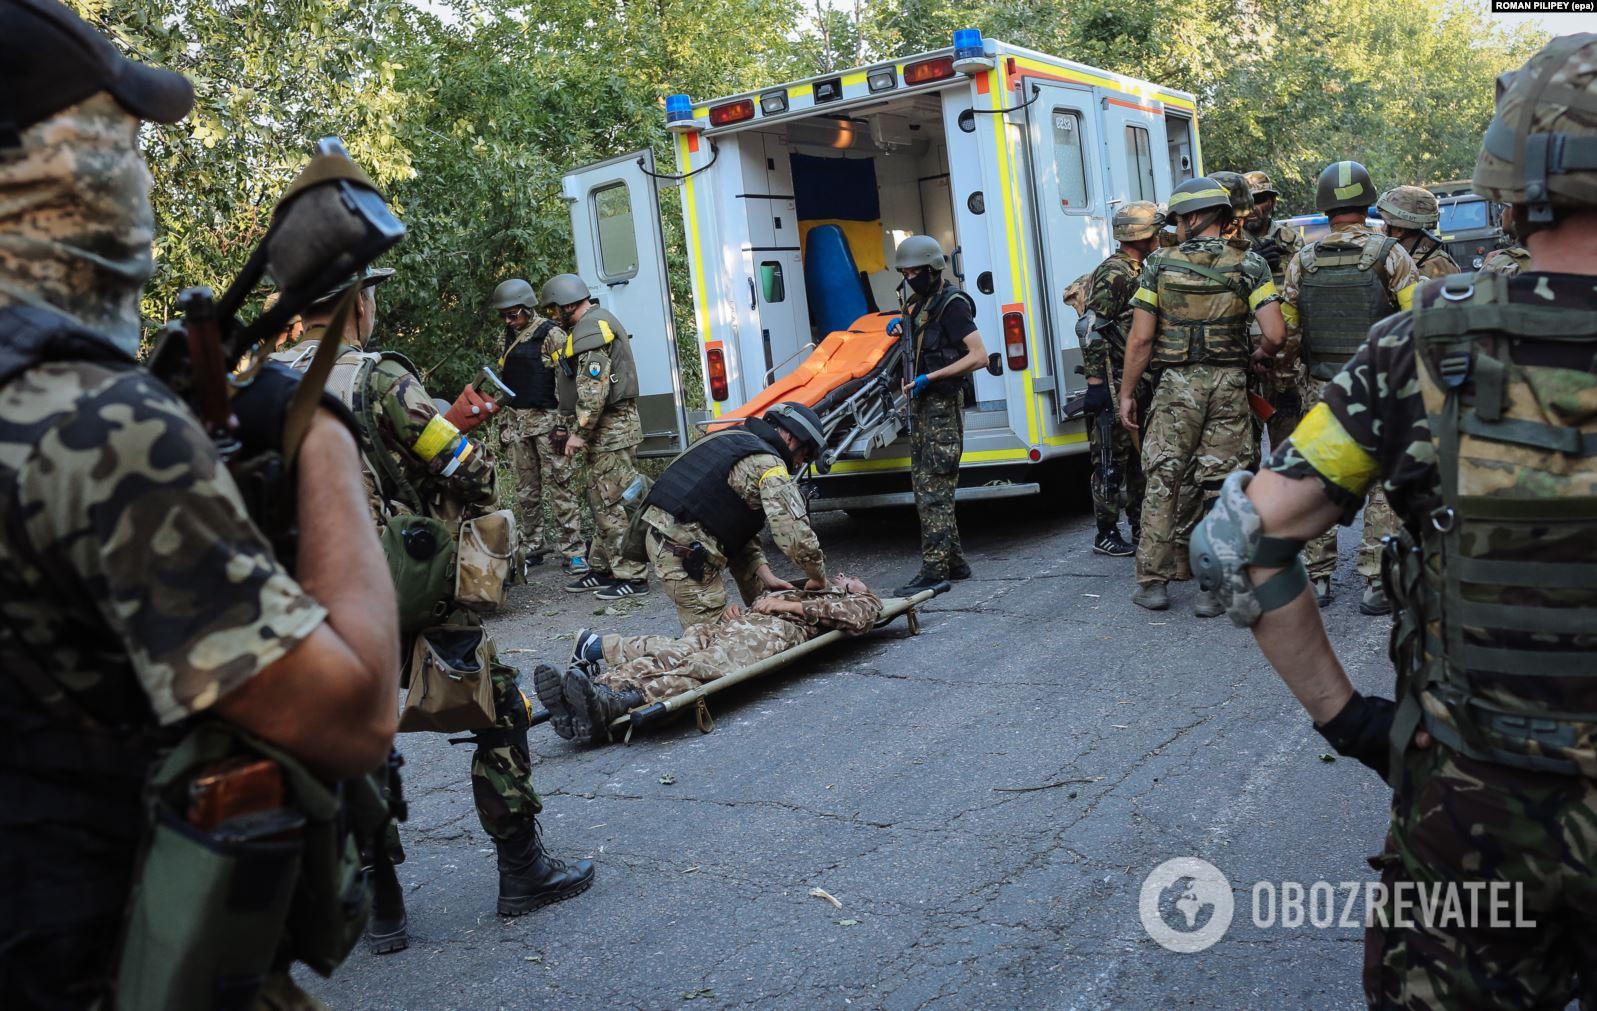 Українські бійці рятують товариша, пораненого поблизу Іловайська 10 серпня 2014 року